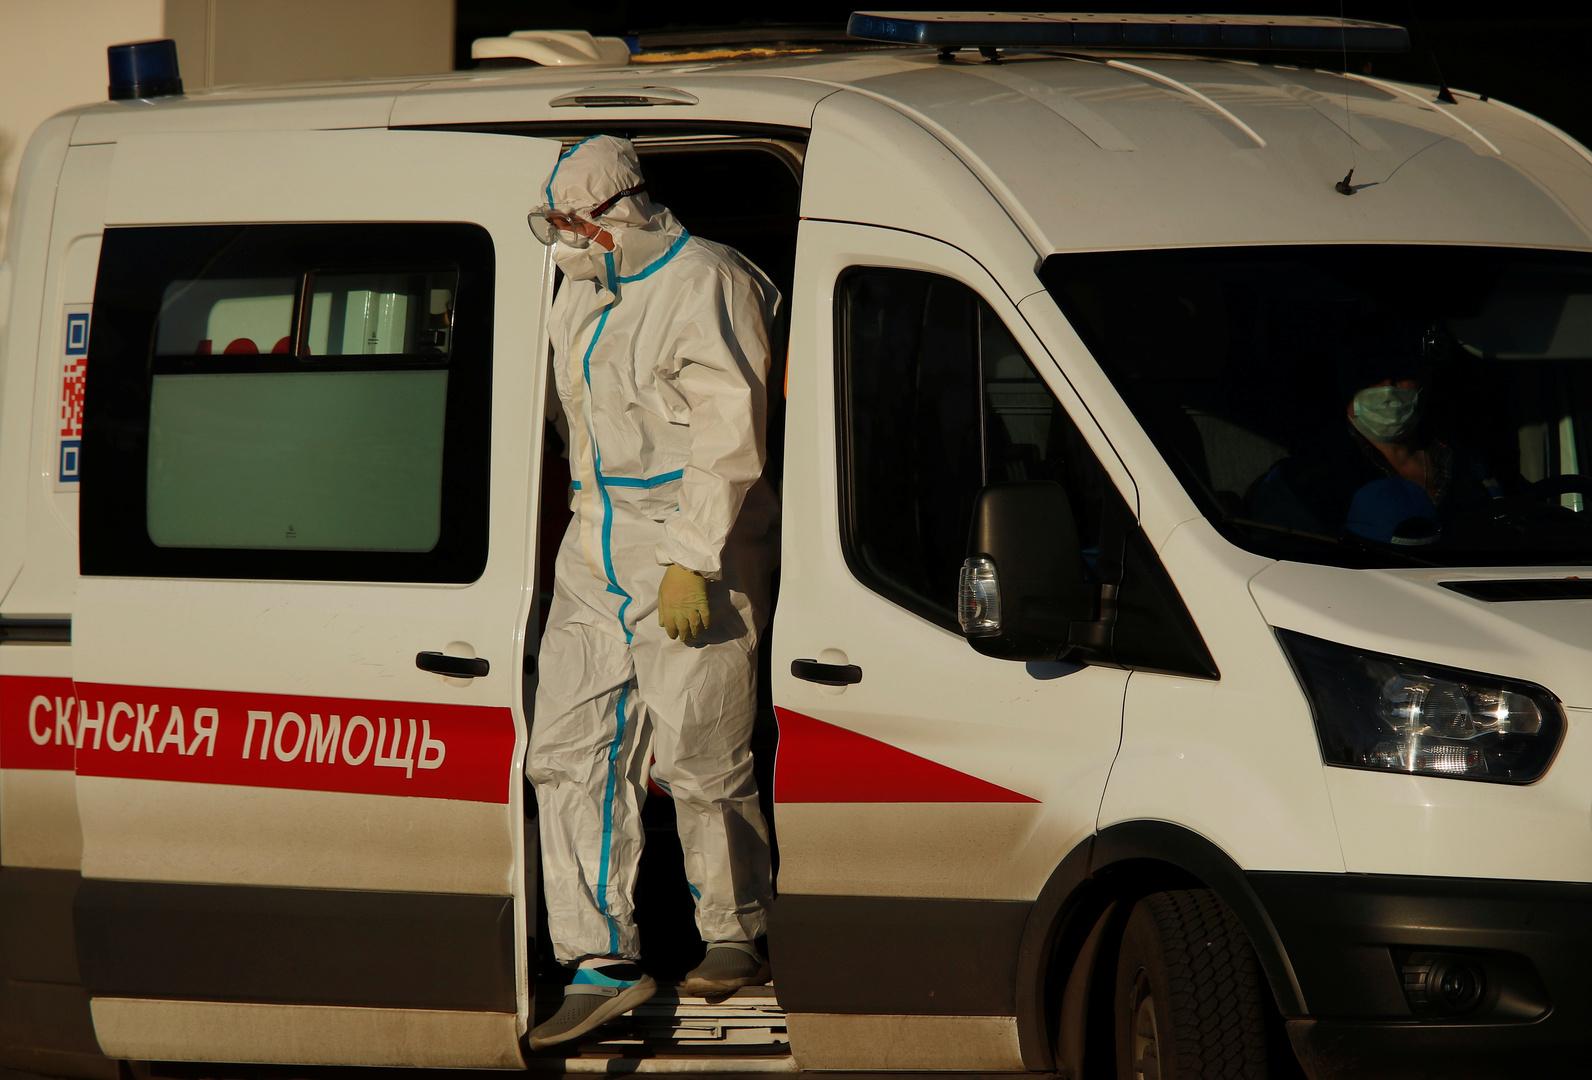 روسيا تسجل ارتفاعا قياسيا في عدد الإصابات الجديدة بفيروس كورونا بلغ 15982 خلال الساعات الـ24 الماضية